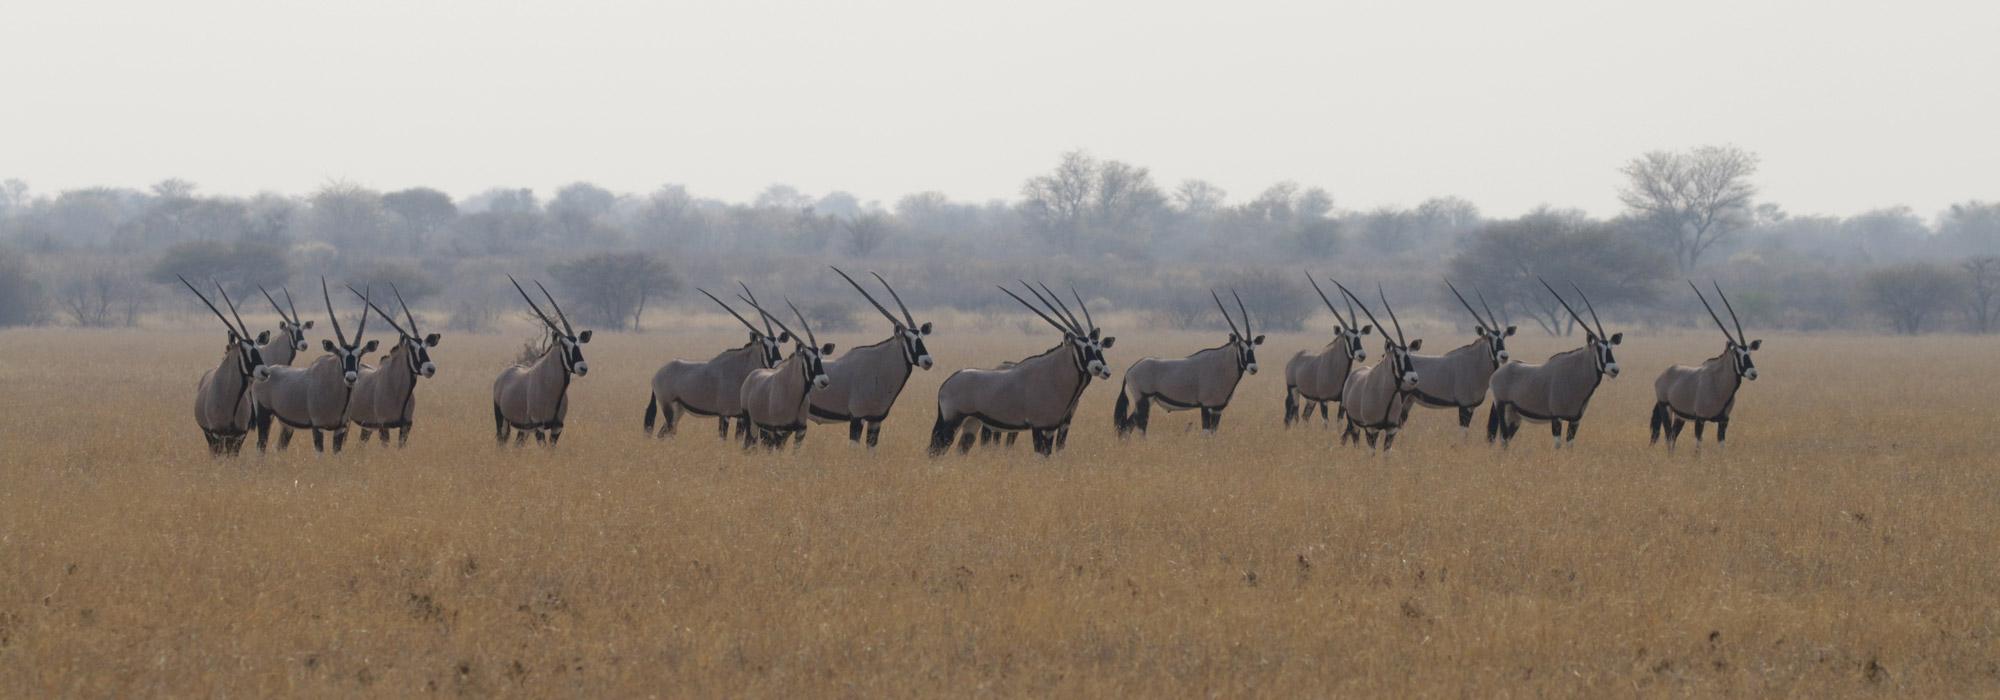 Botswana: Kalahari Game Reserve - Oryx